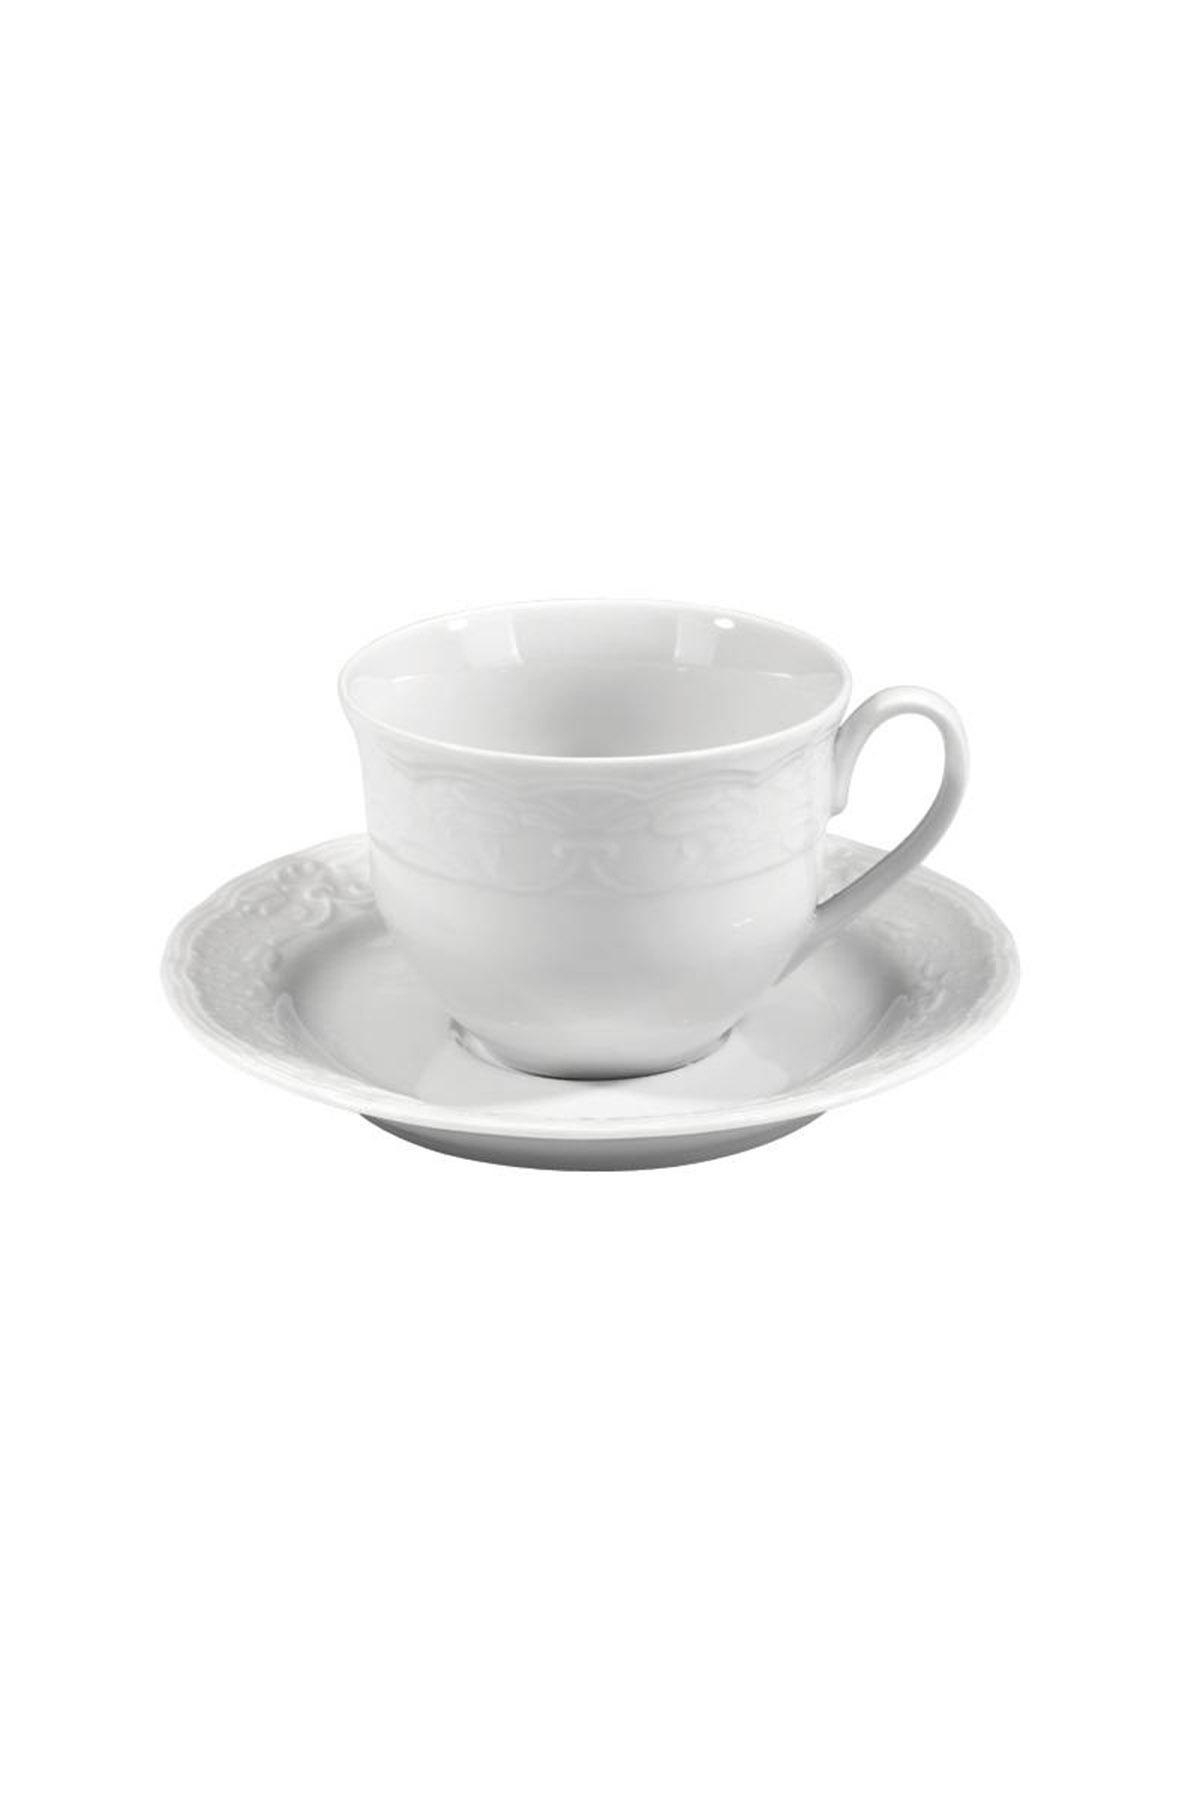 KÜTAHYA PORSELEN - Kütahya Porselen Lalezar Kahve Fincan Takımı